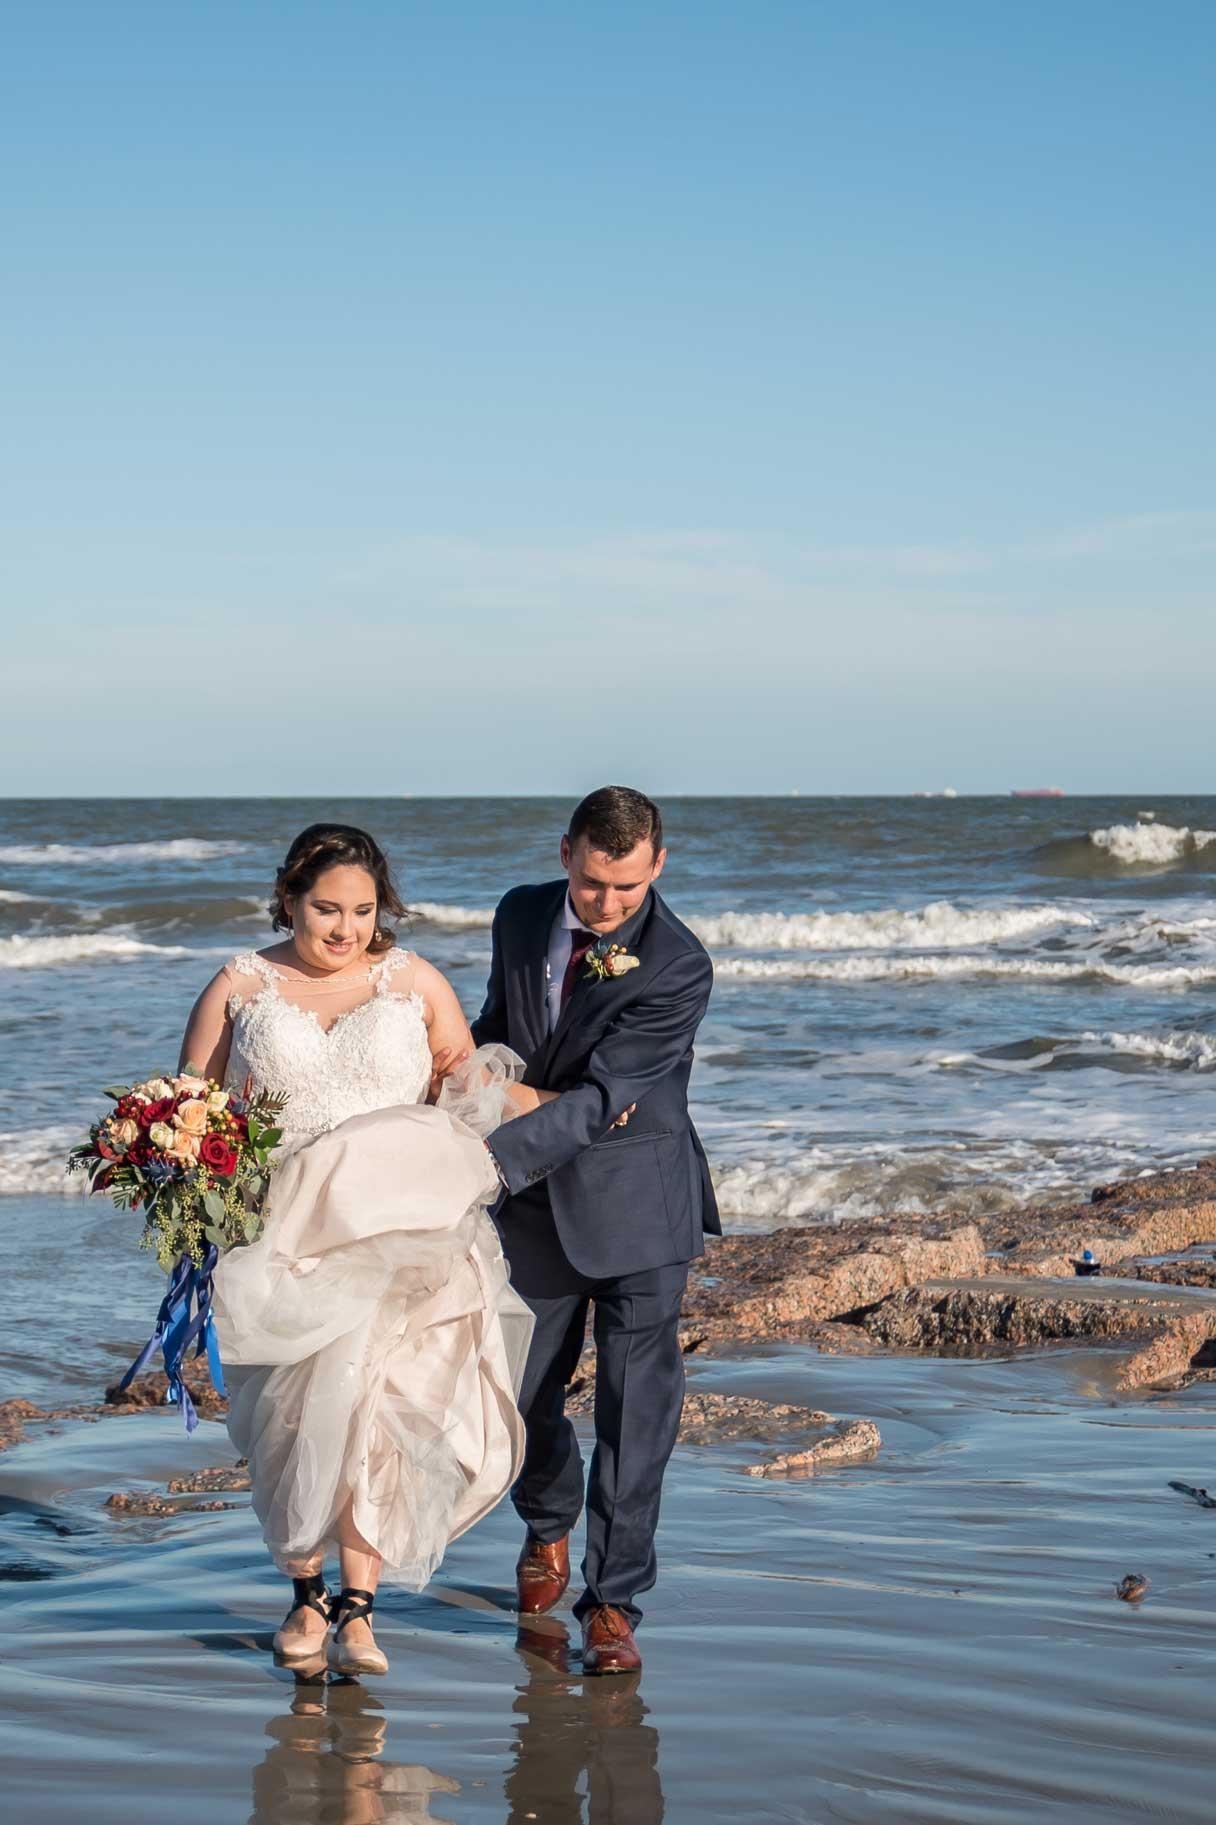 galveston-beach-wedding-ronnie-bliss-photo-121.jpg